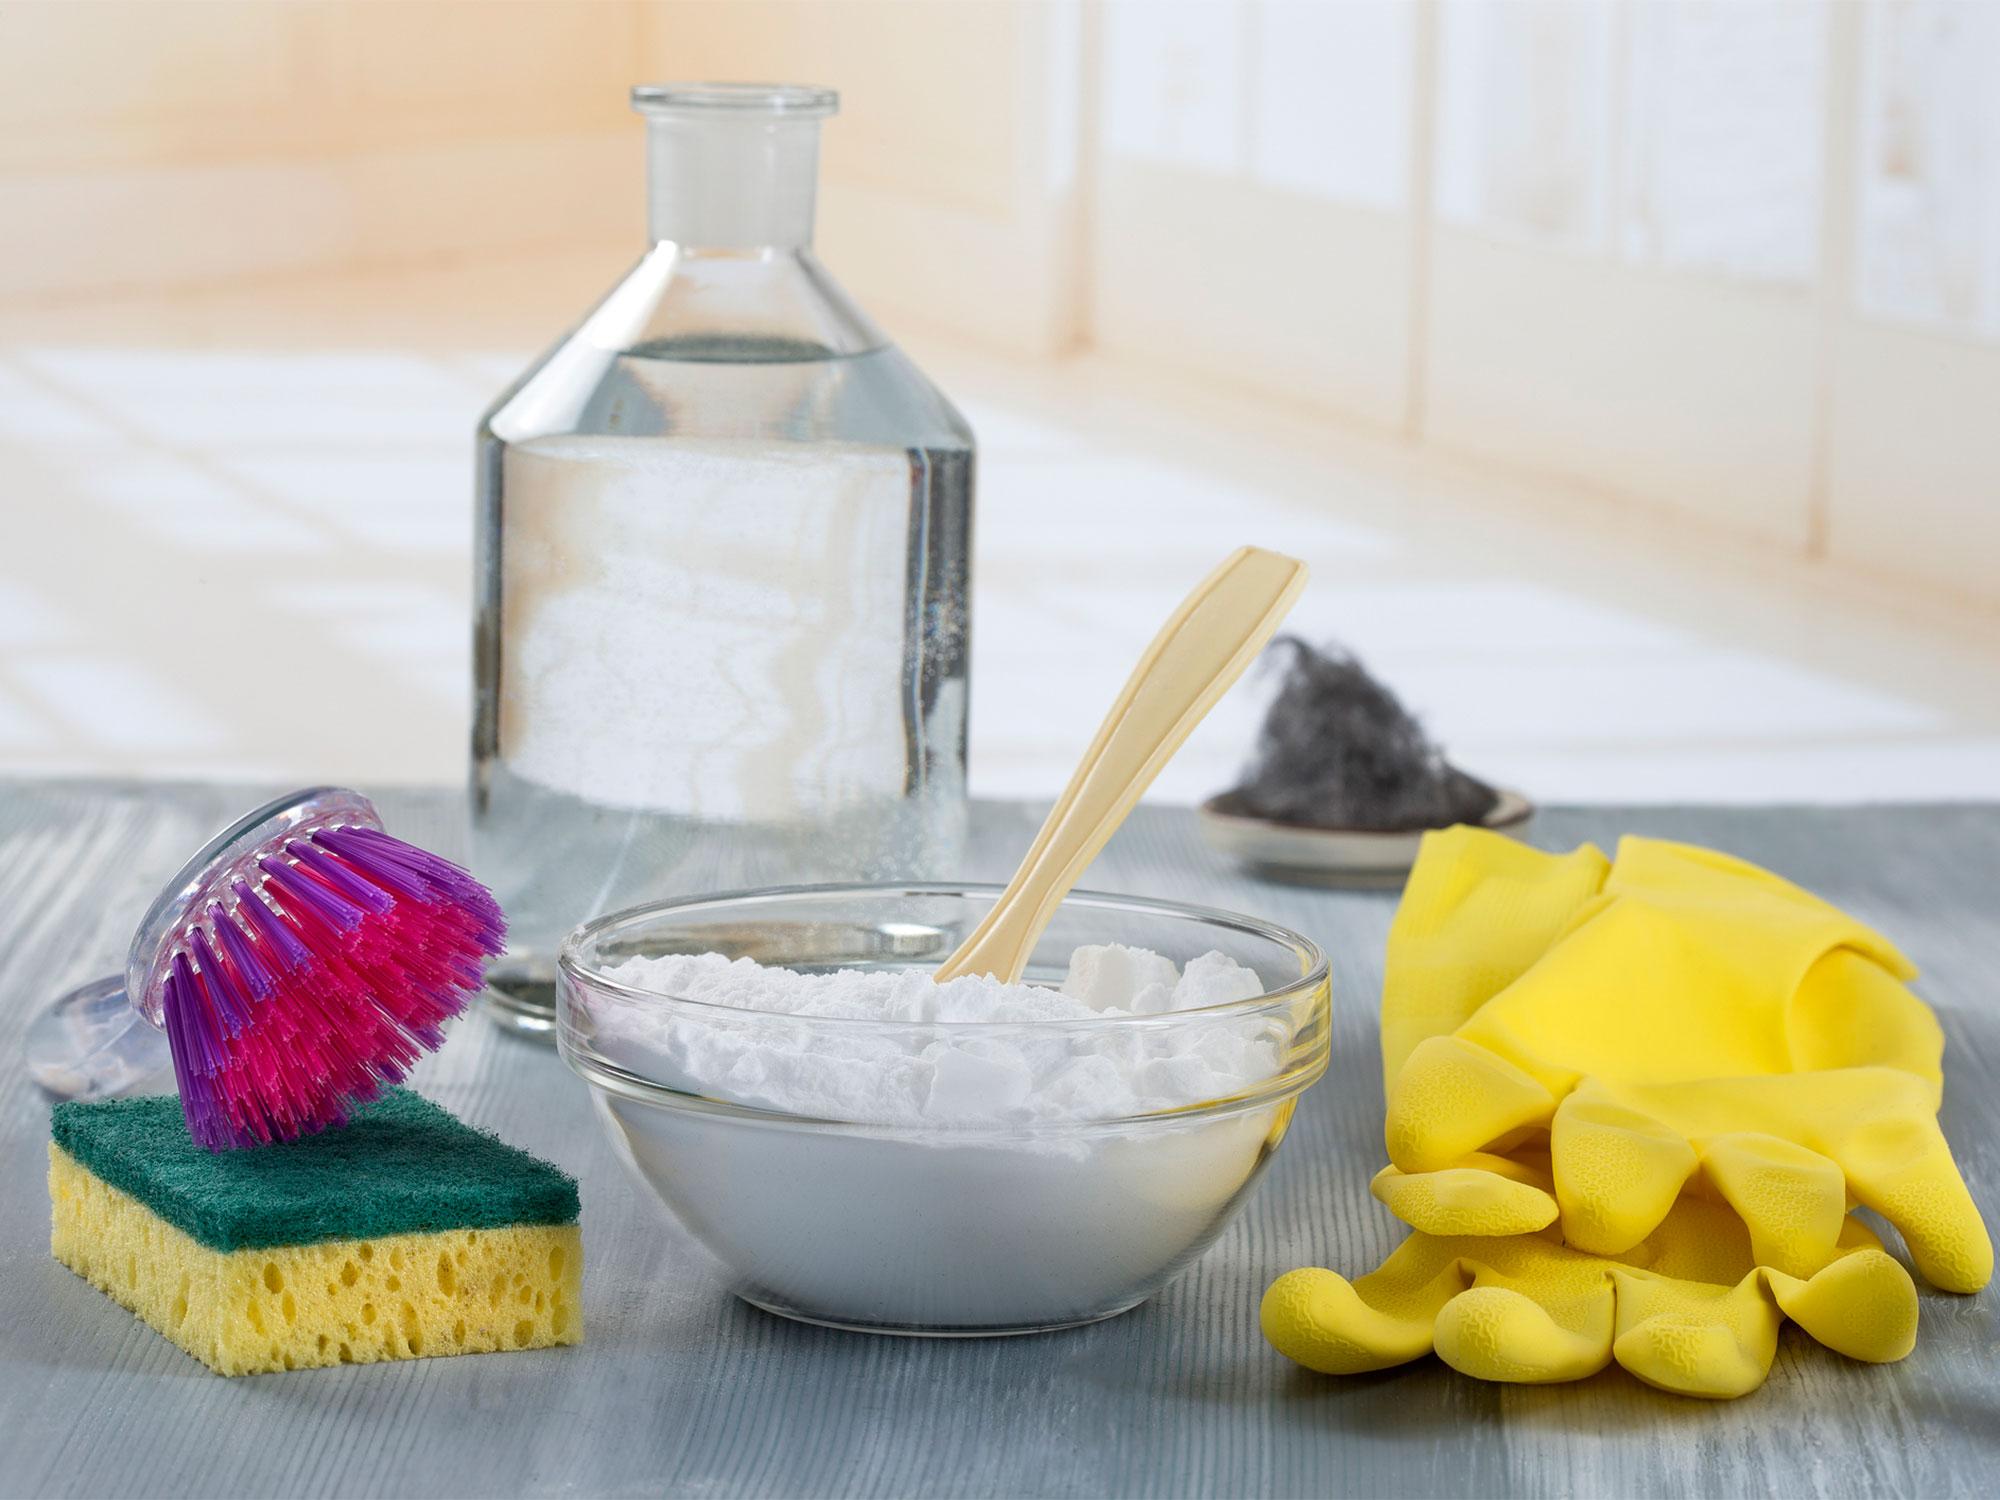 уксус с содой может удалить старые жирные пятна